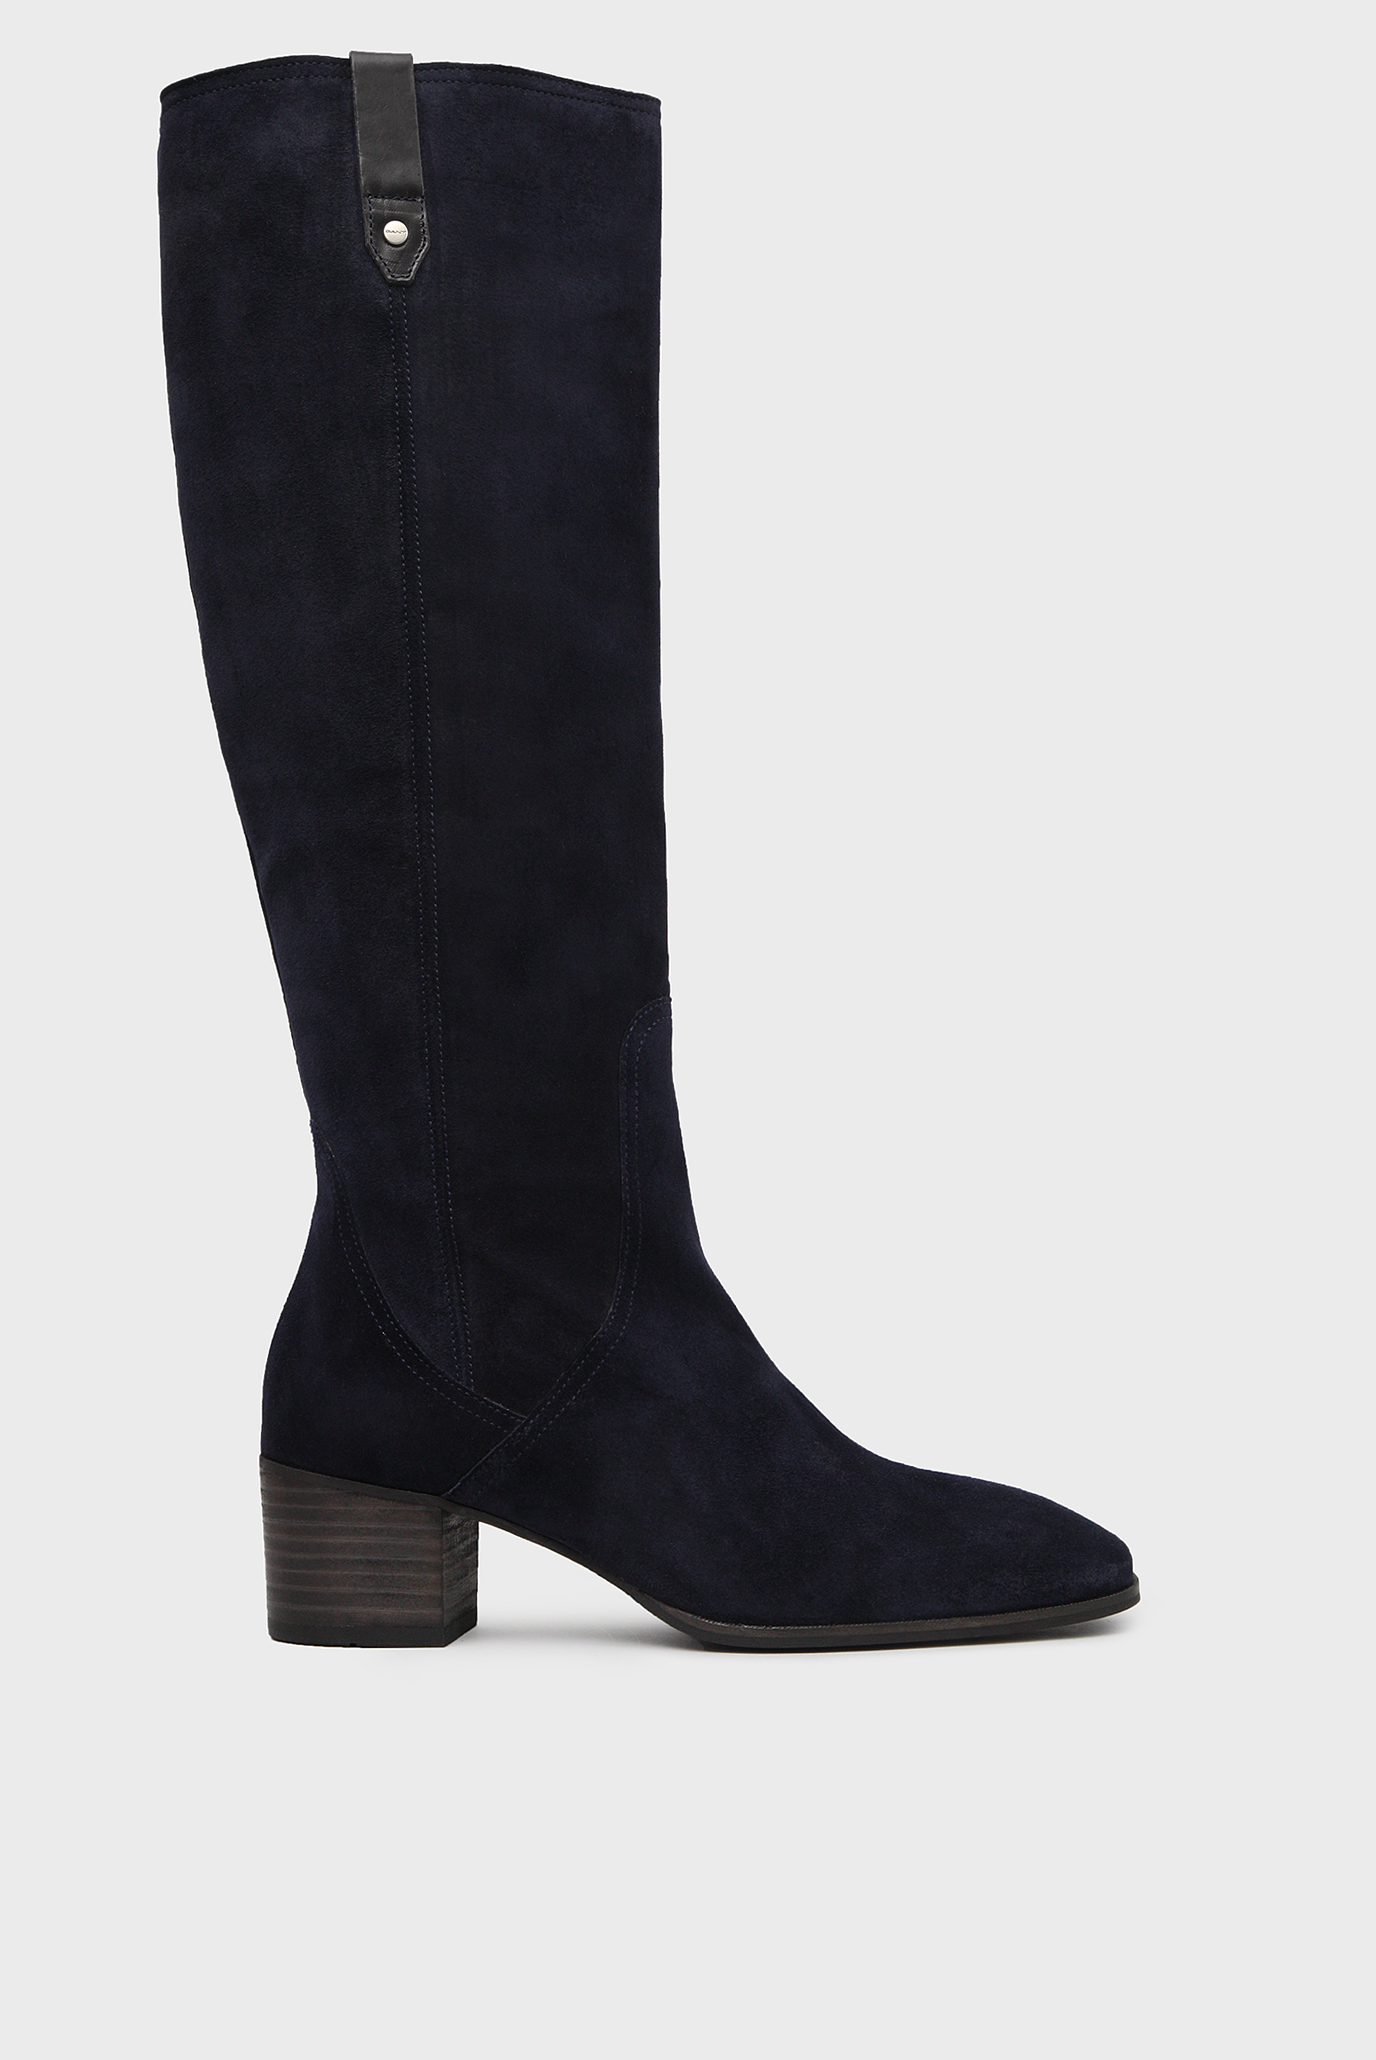 6daa6973 Купить Женские синие замшевые сапоги Gant Gant 15583059 – Киев, Украина. Цены  в интернет магазине MD Fashion